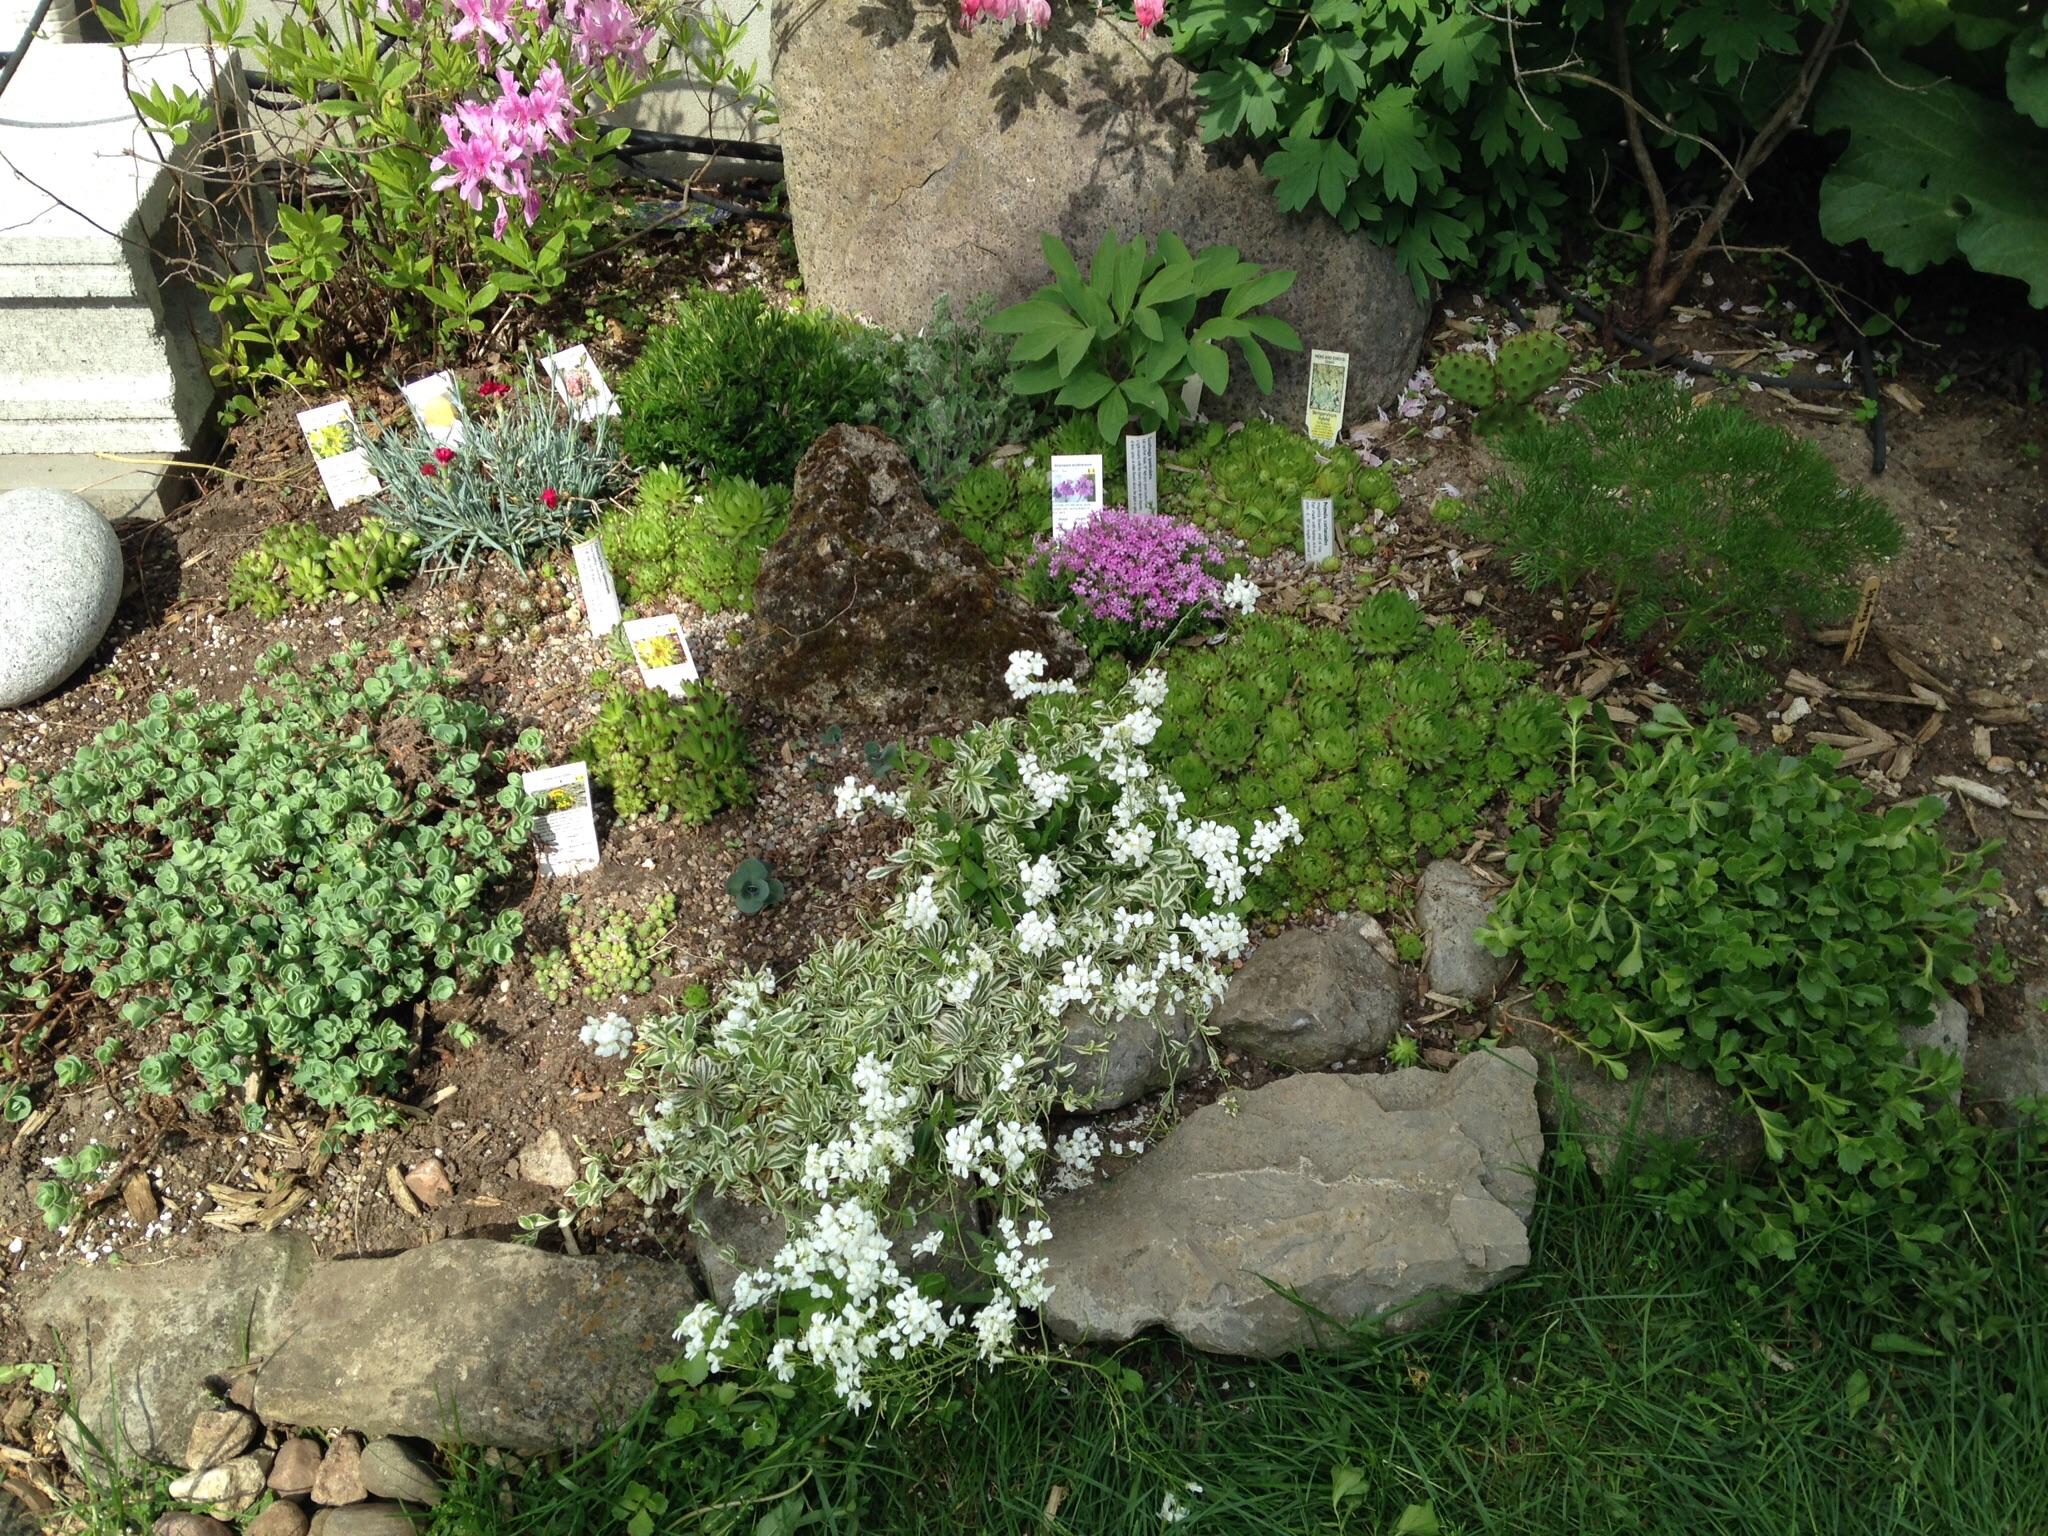 I wet my plants growing crazy in kemptville ontario for Gardening zones ontario